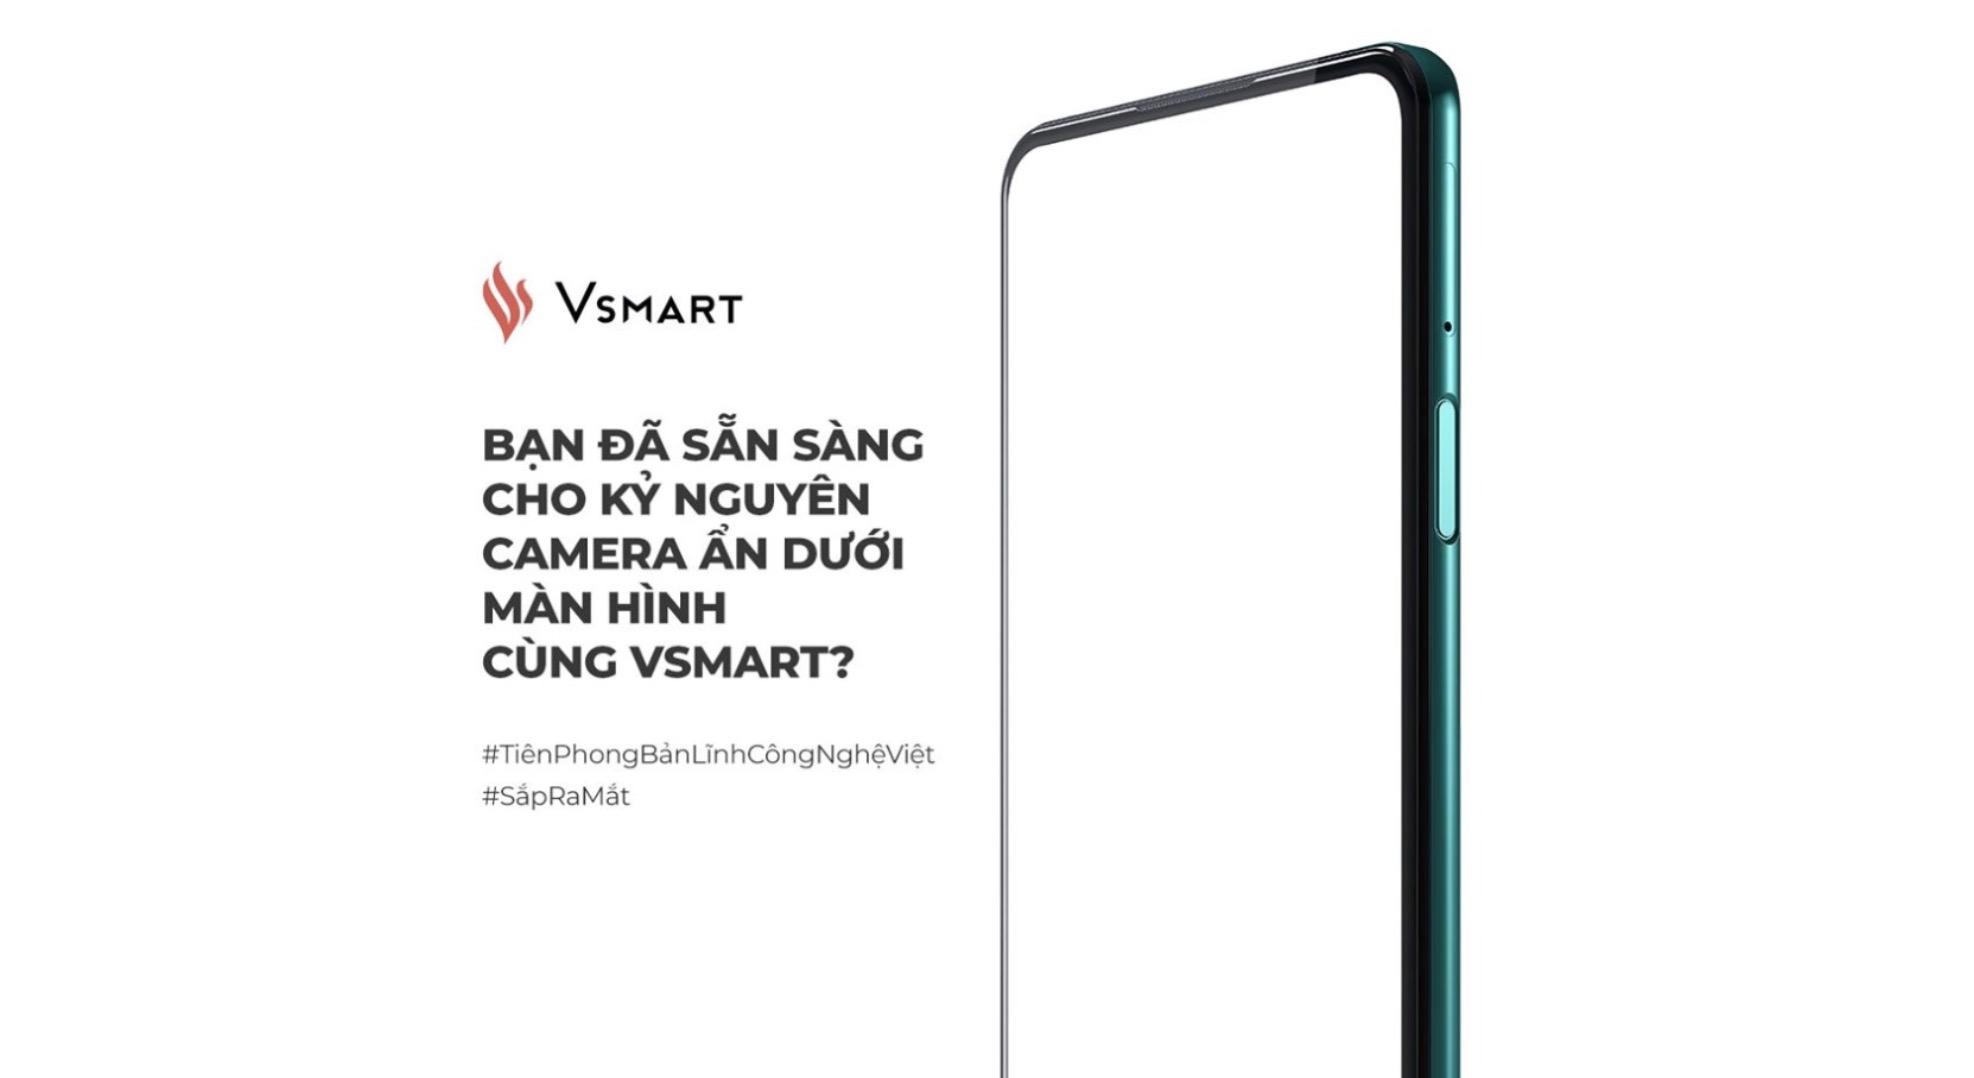 VinSmart xác nhận sắp ra mắt smartphone Vsmart với camera ẩn dưới màn hình